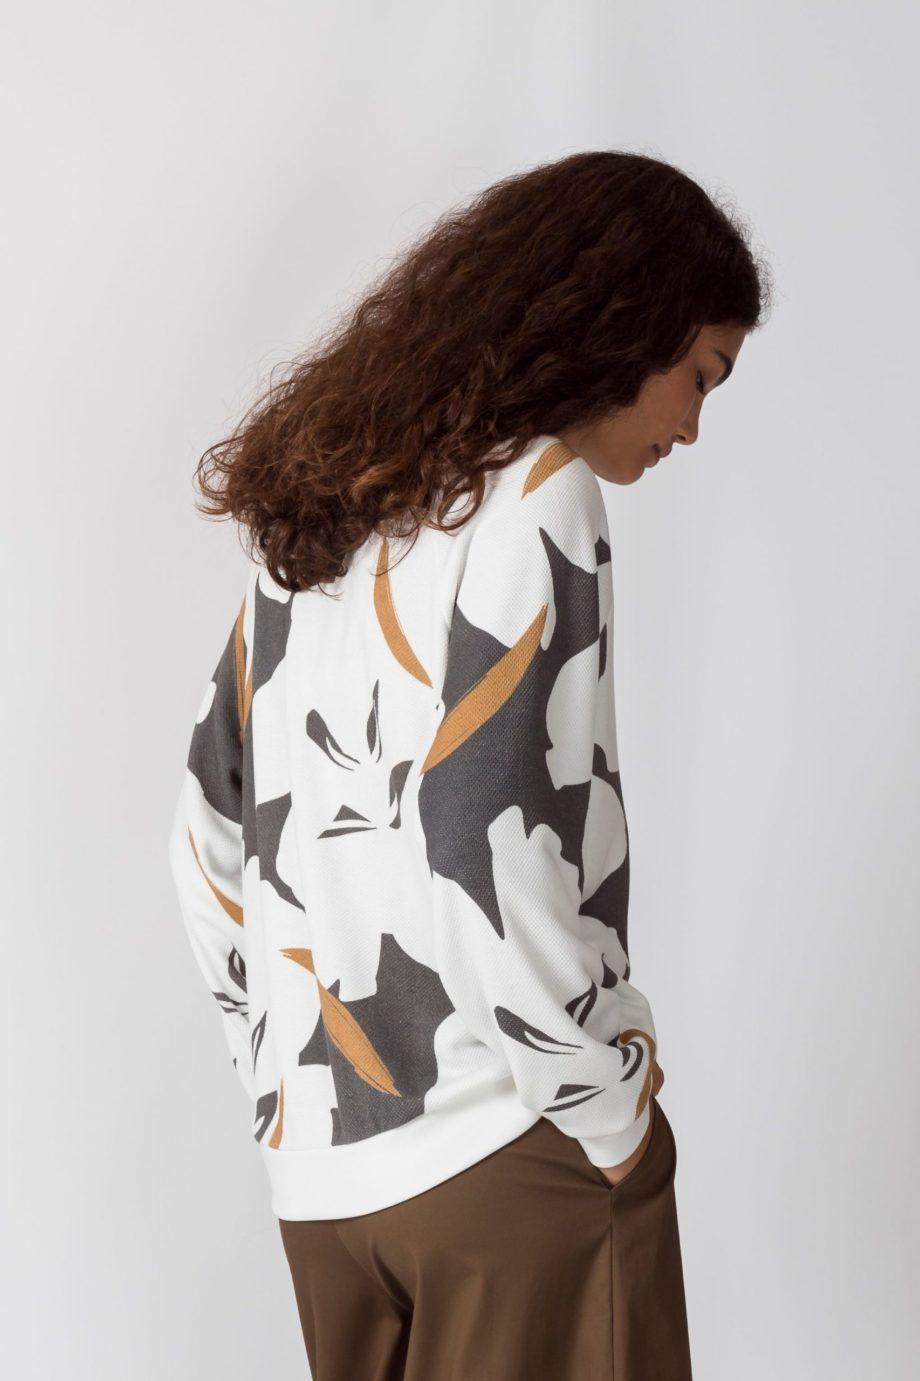 Frau trägt Pullover von SKFK (KORE) aus Biobaumwolle mit abstrahiertem floralem Aufdruck in Naturweiß, Ockergelb und Dunkelgrau mit orangenem Rundhals-Ausschnitt. Sportliche Sweatshirt-Passform mit gerippten Bündchen. / Color 2N / Vorderansicht / pussyGALORE / Leipzig